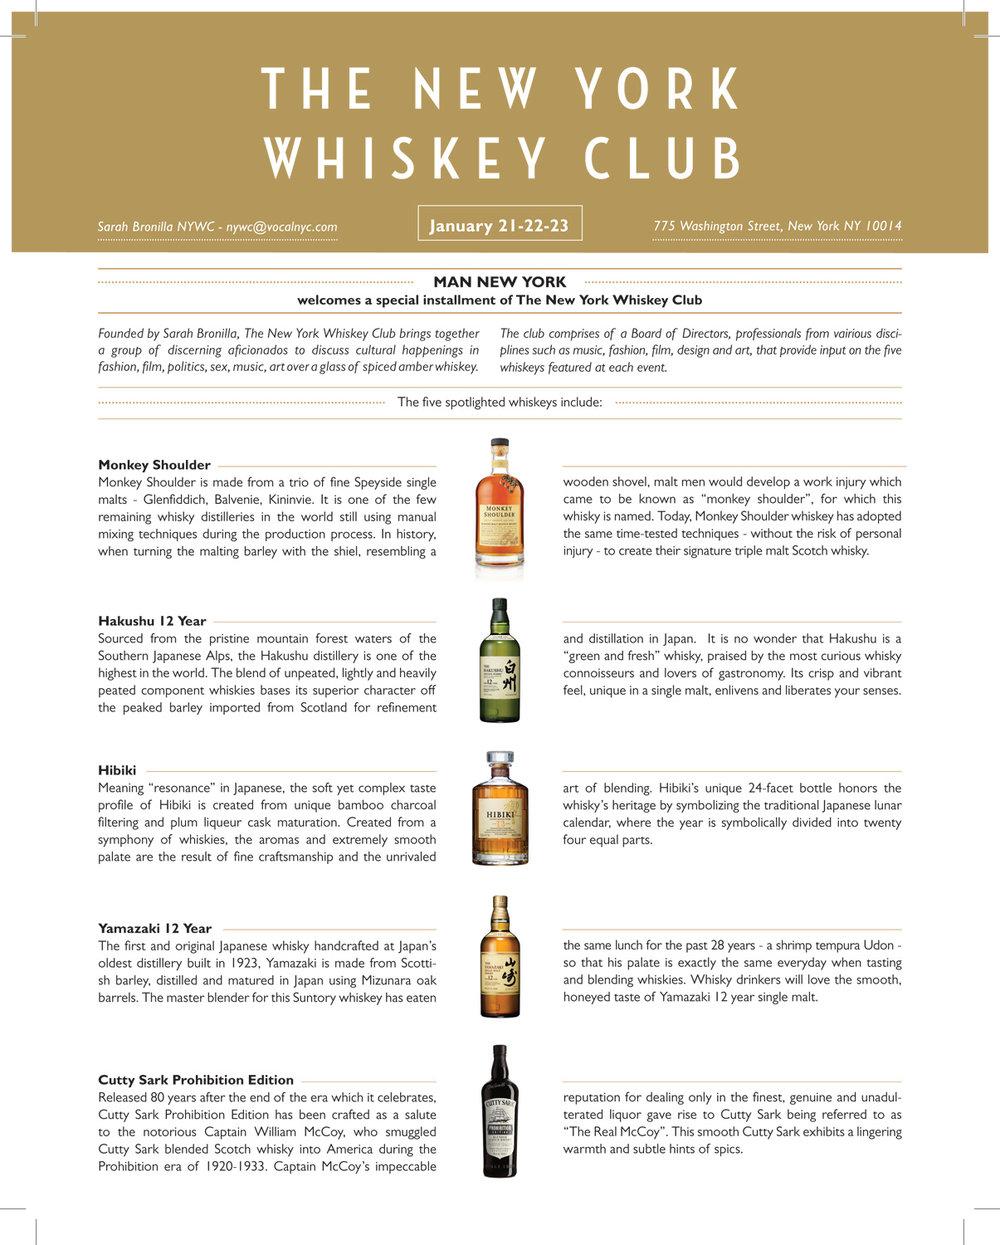 New York Whiskey Club